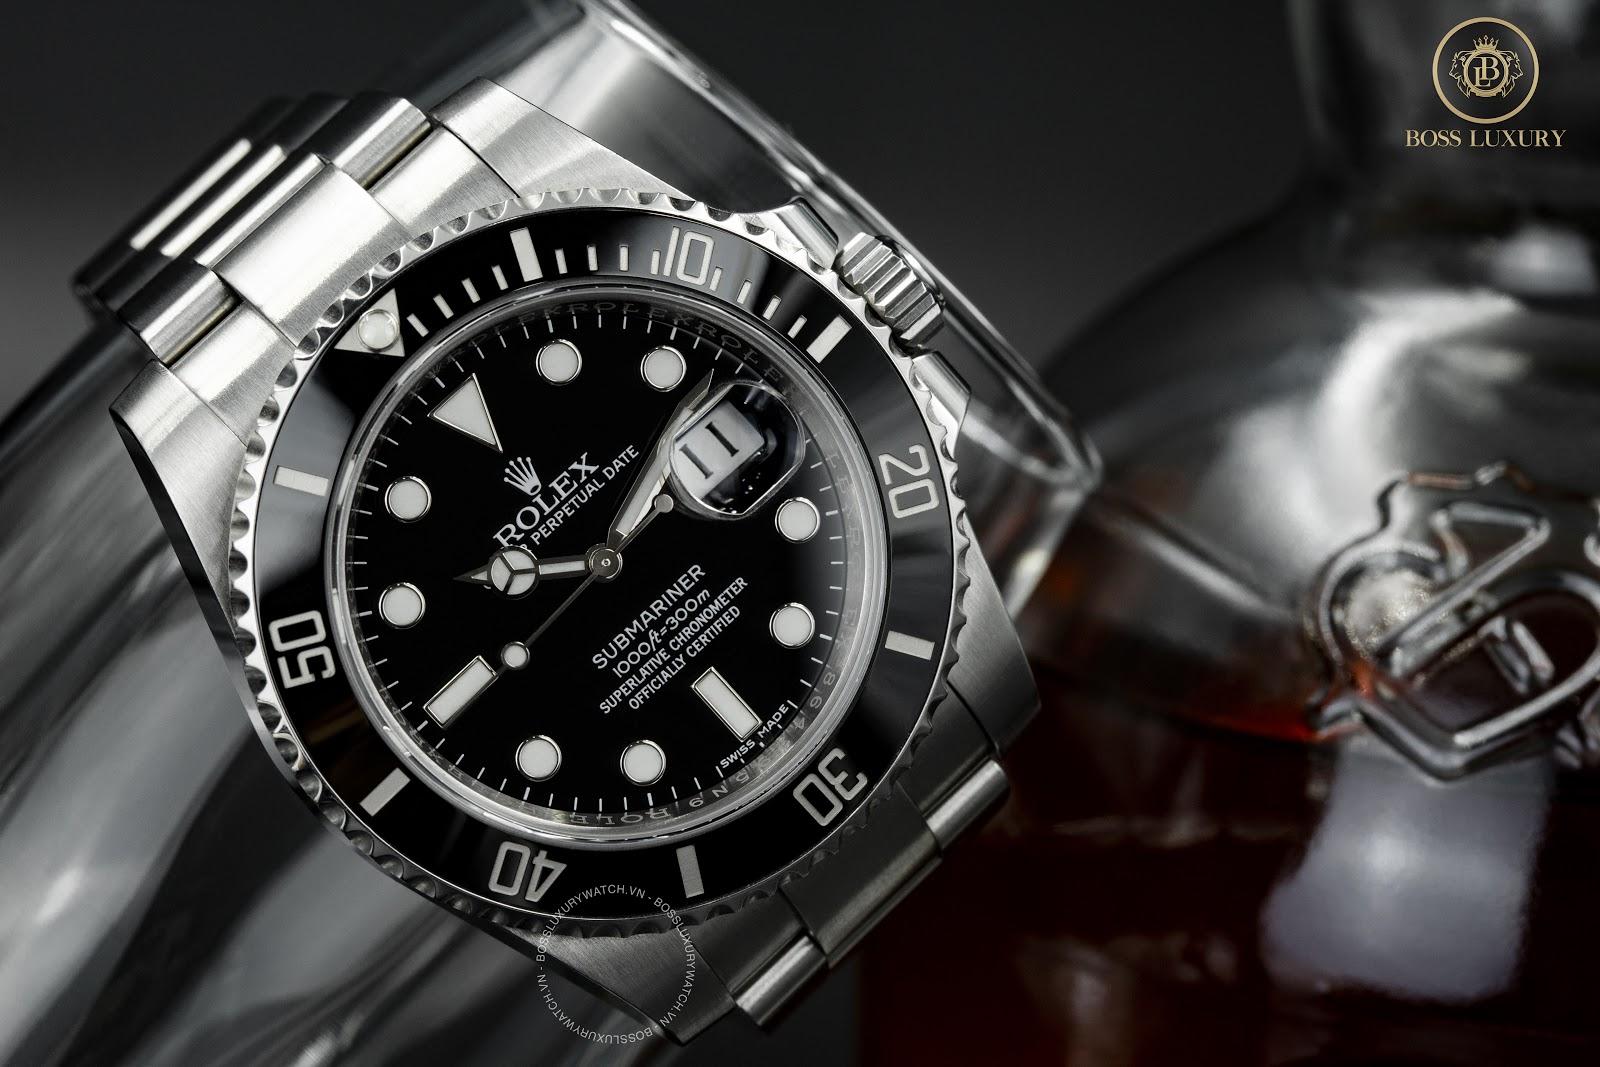 Cùng Boss Luxury cập nhật 5 xu hướng đồng hồ sang trọng không thể bỏ qua năm 2021 - Ảnh 1